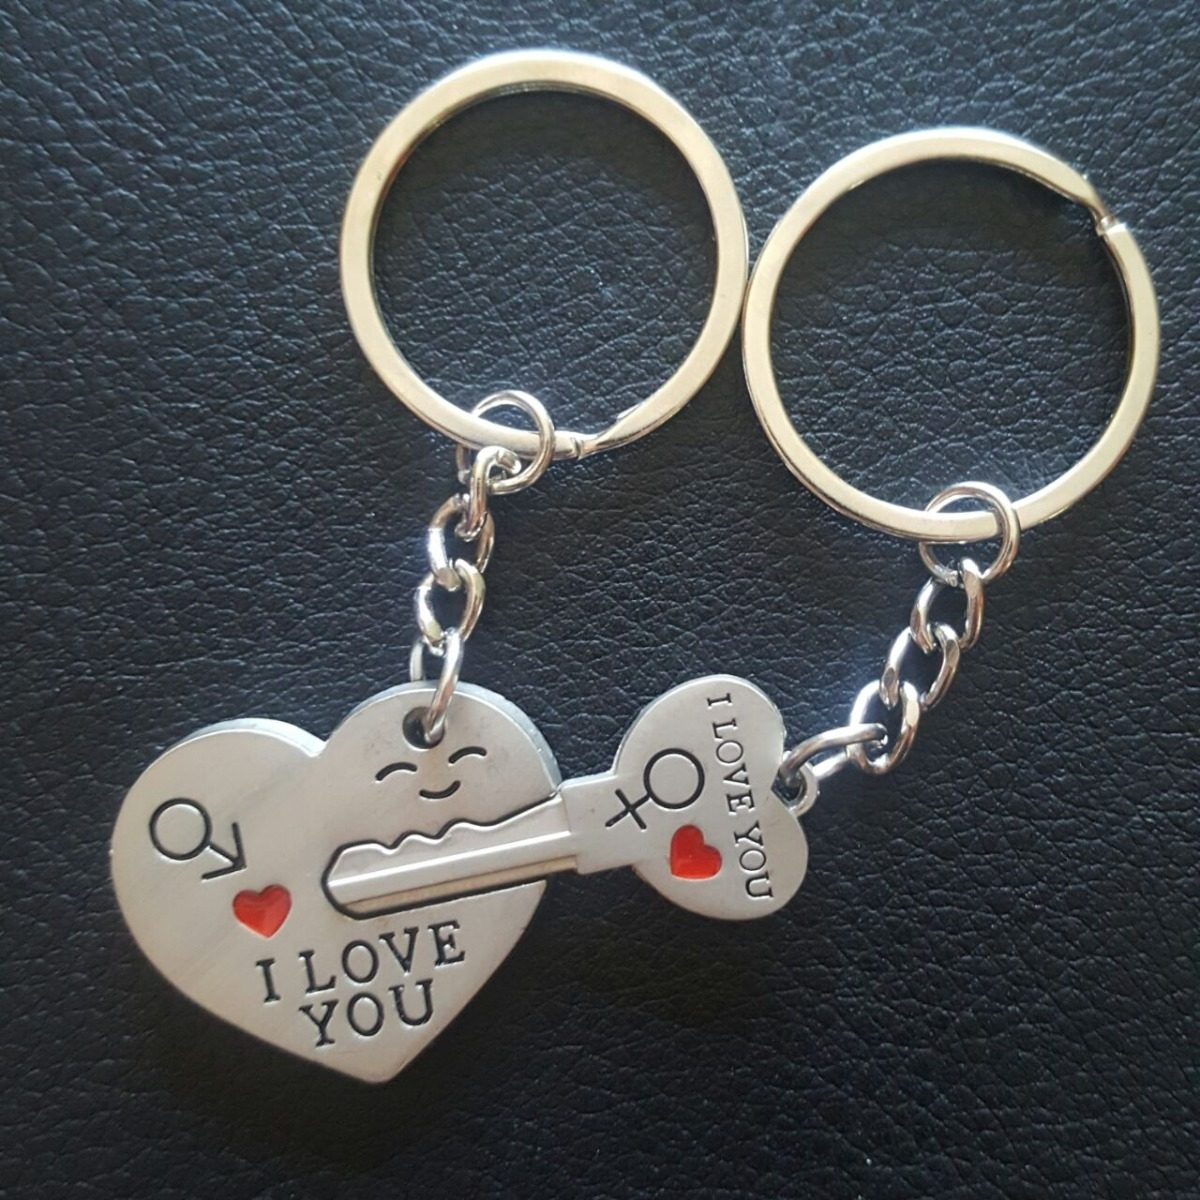 d136296c60a5 Llaveros Para Parejas Corazón Con Llave Pequeña -   99.00 en Mercado ...